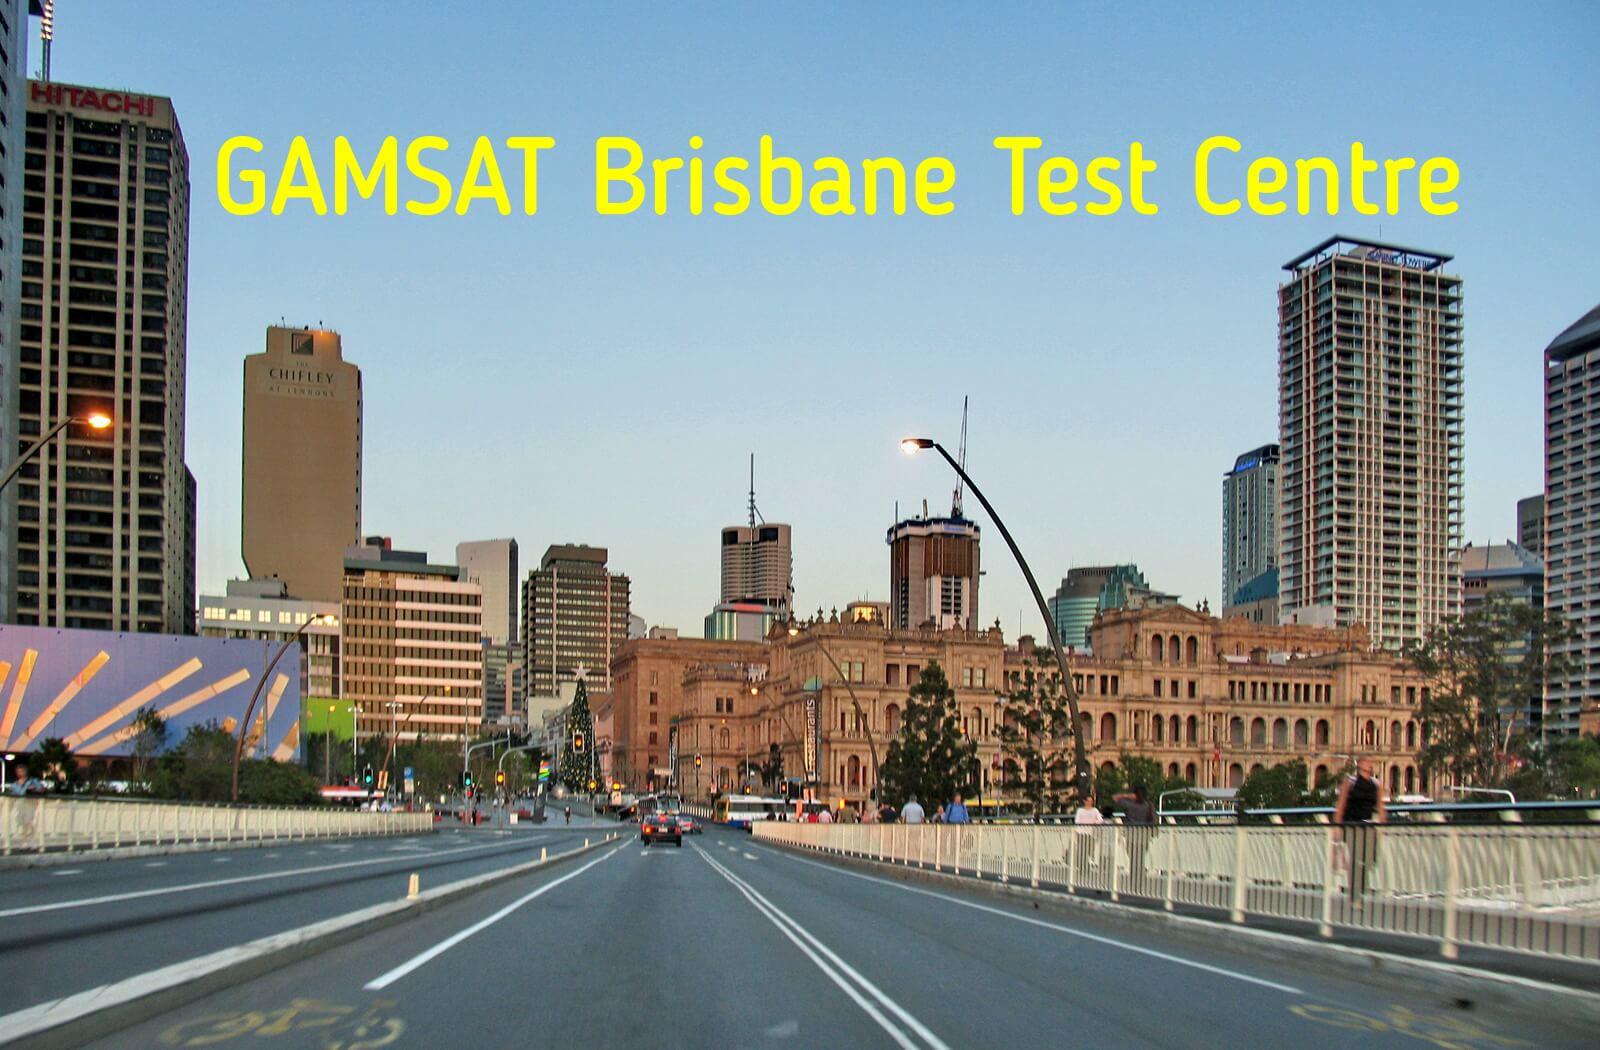 Where is GAMSAT held in Brisbane?